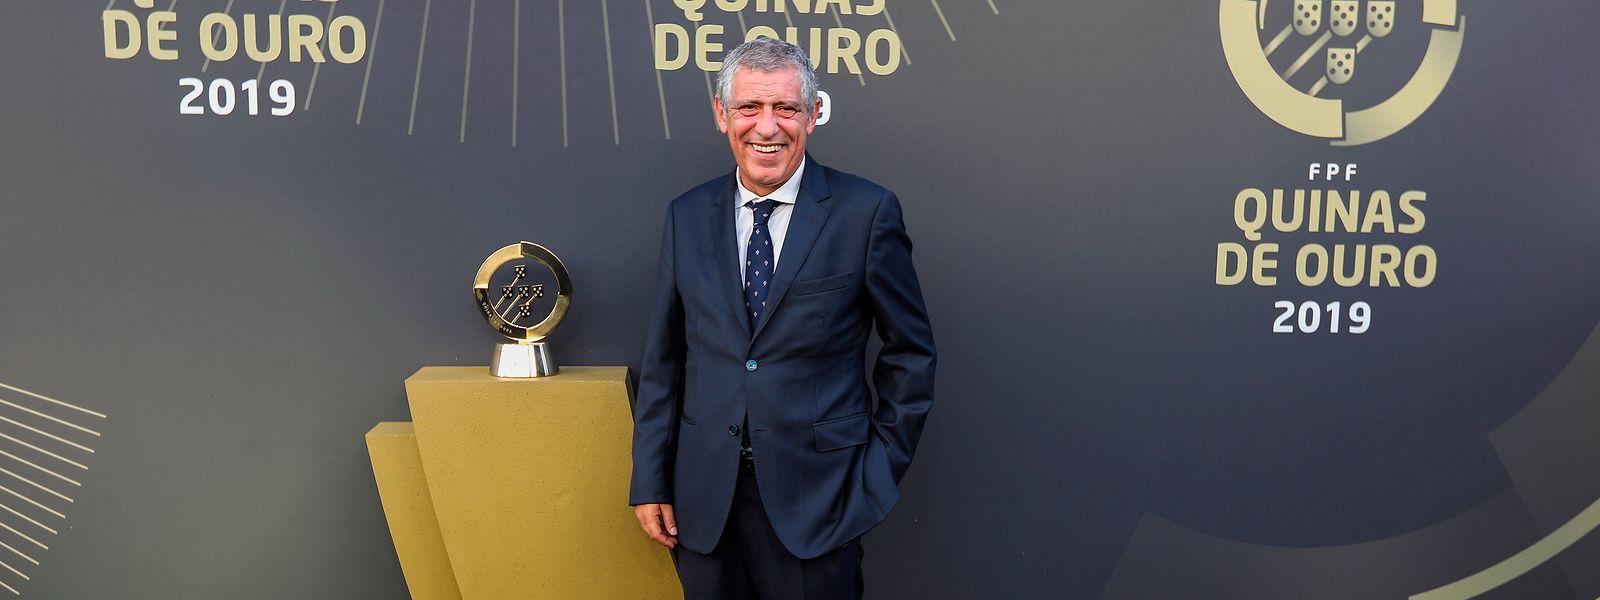 Fernando Santos, selecionador nacional de futebol, foi distinguido com as Quinas de Platina.